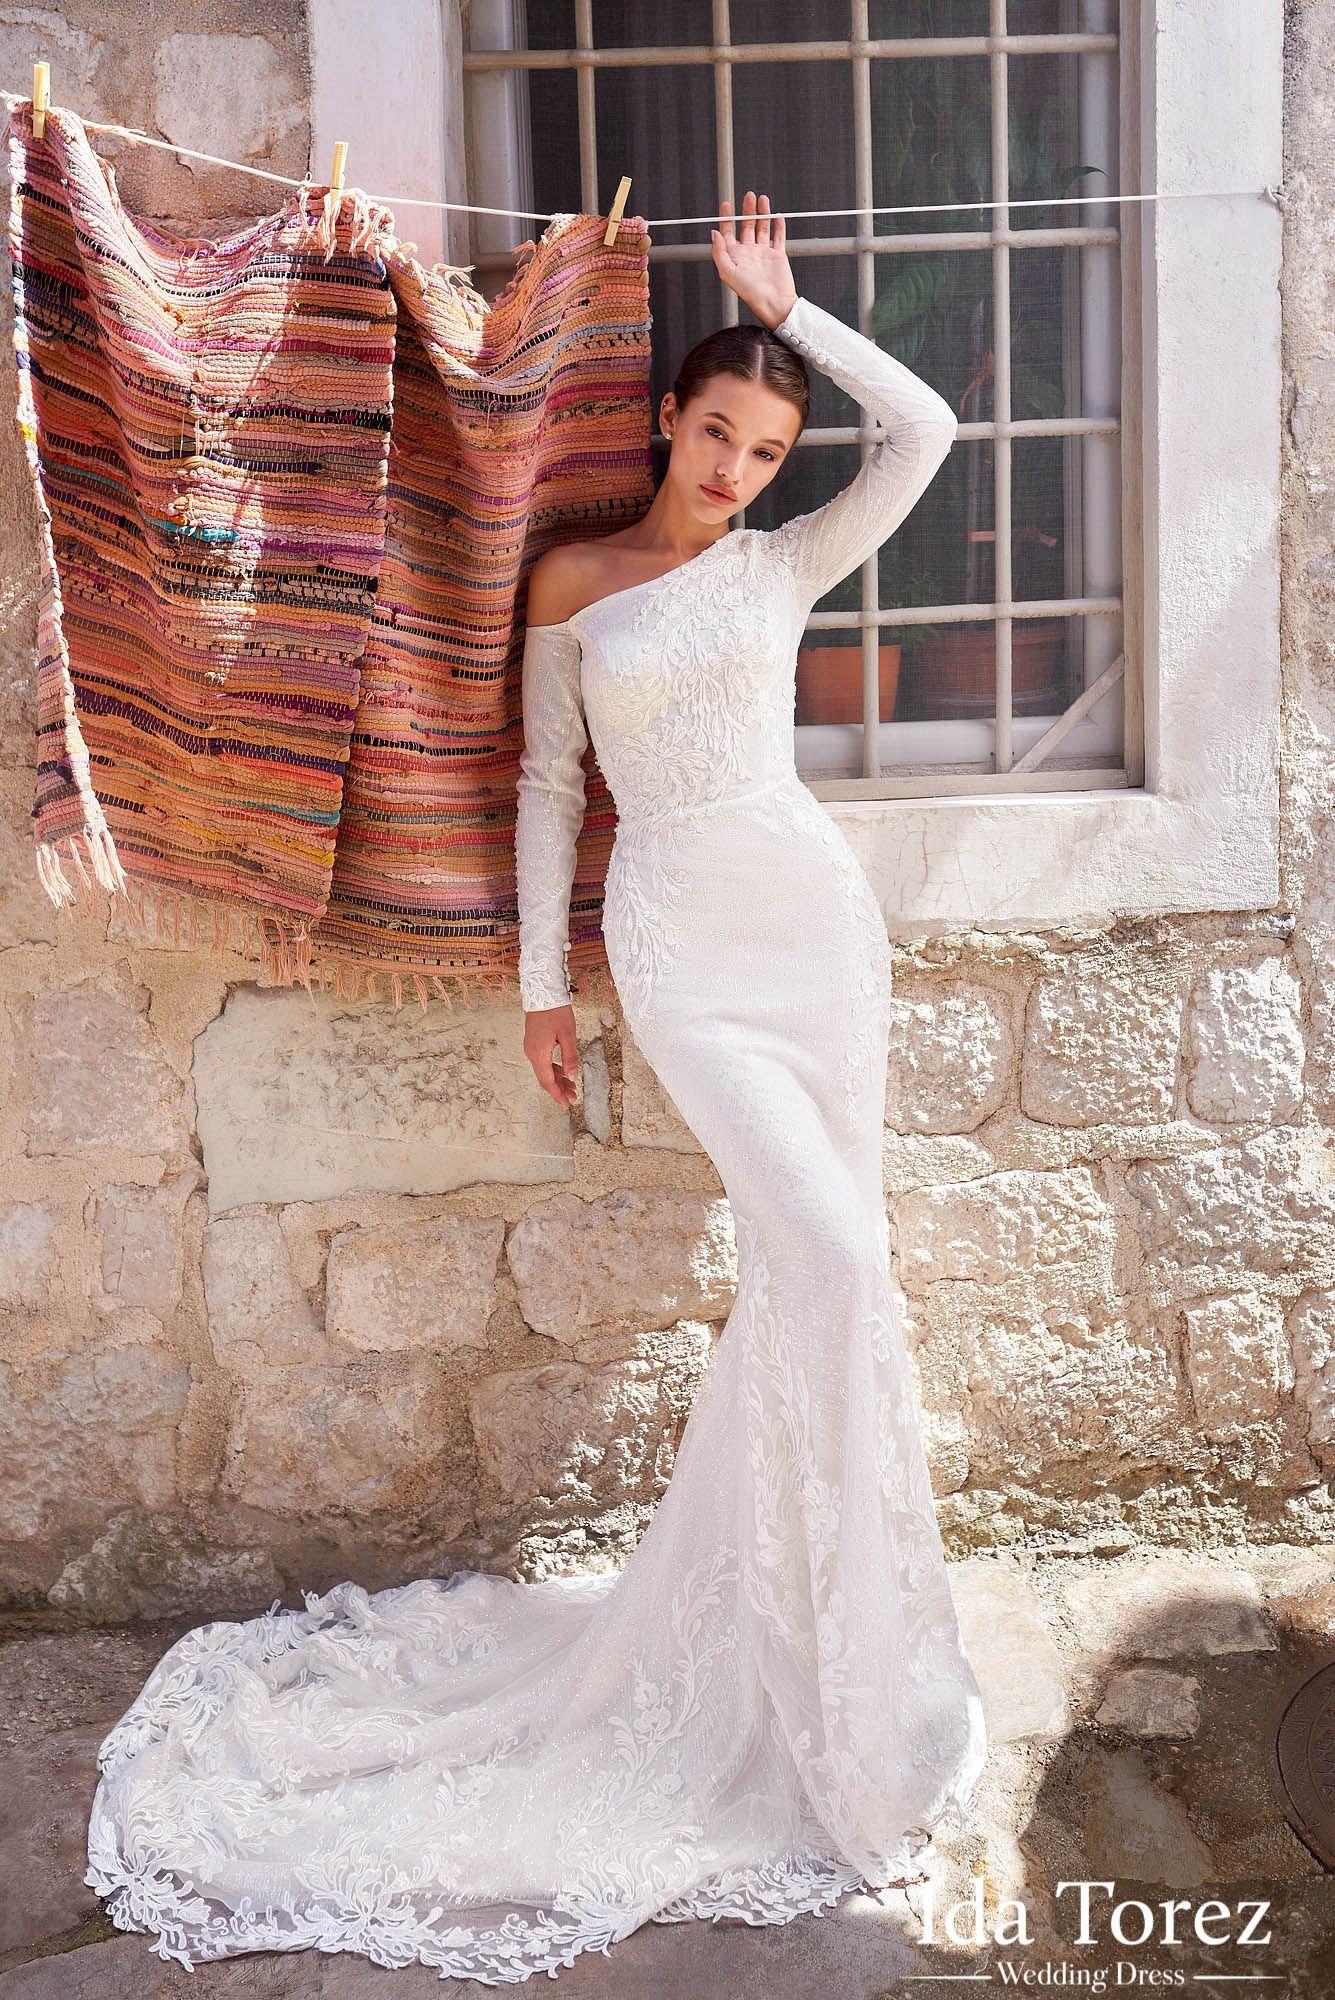 Ida Torez By Pollardi Wedding Dresse 2020 2021 Wedding Dresses Unique Wedding Dresses Wedding Dress Reveal [ 2000 x 1335 Pixel ]